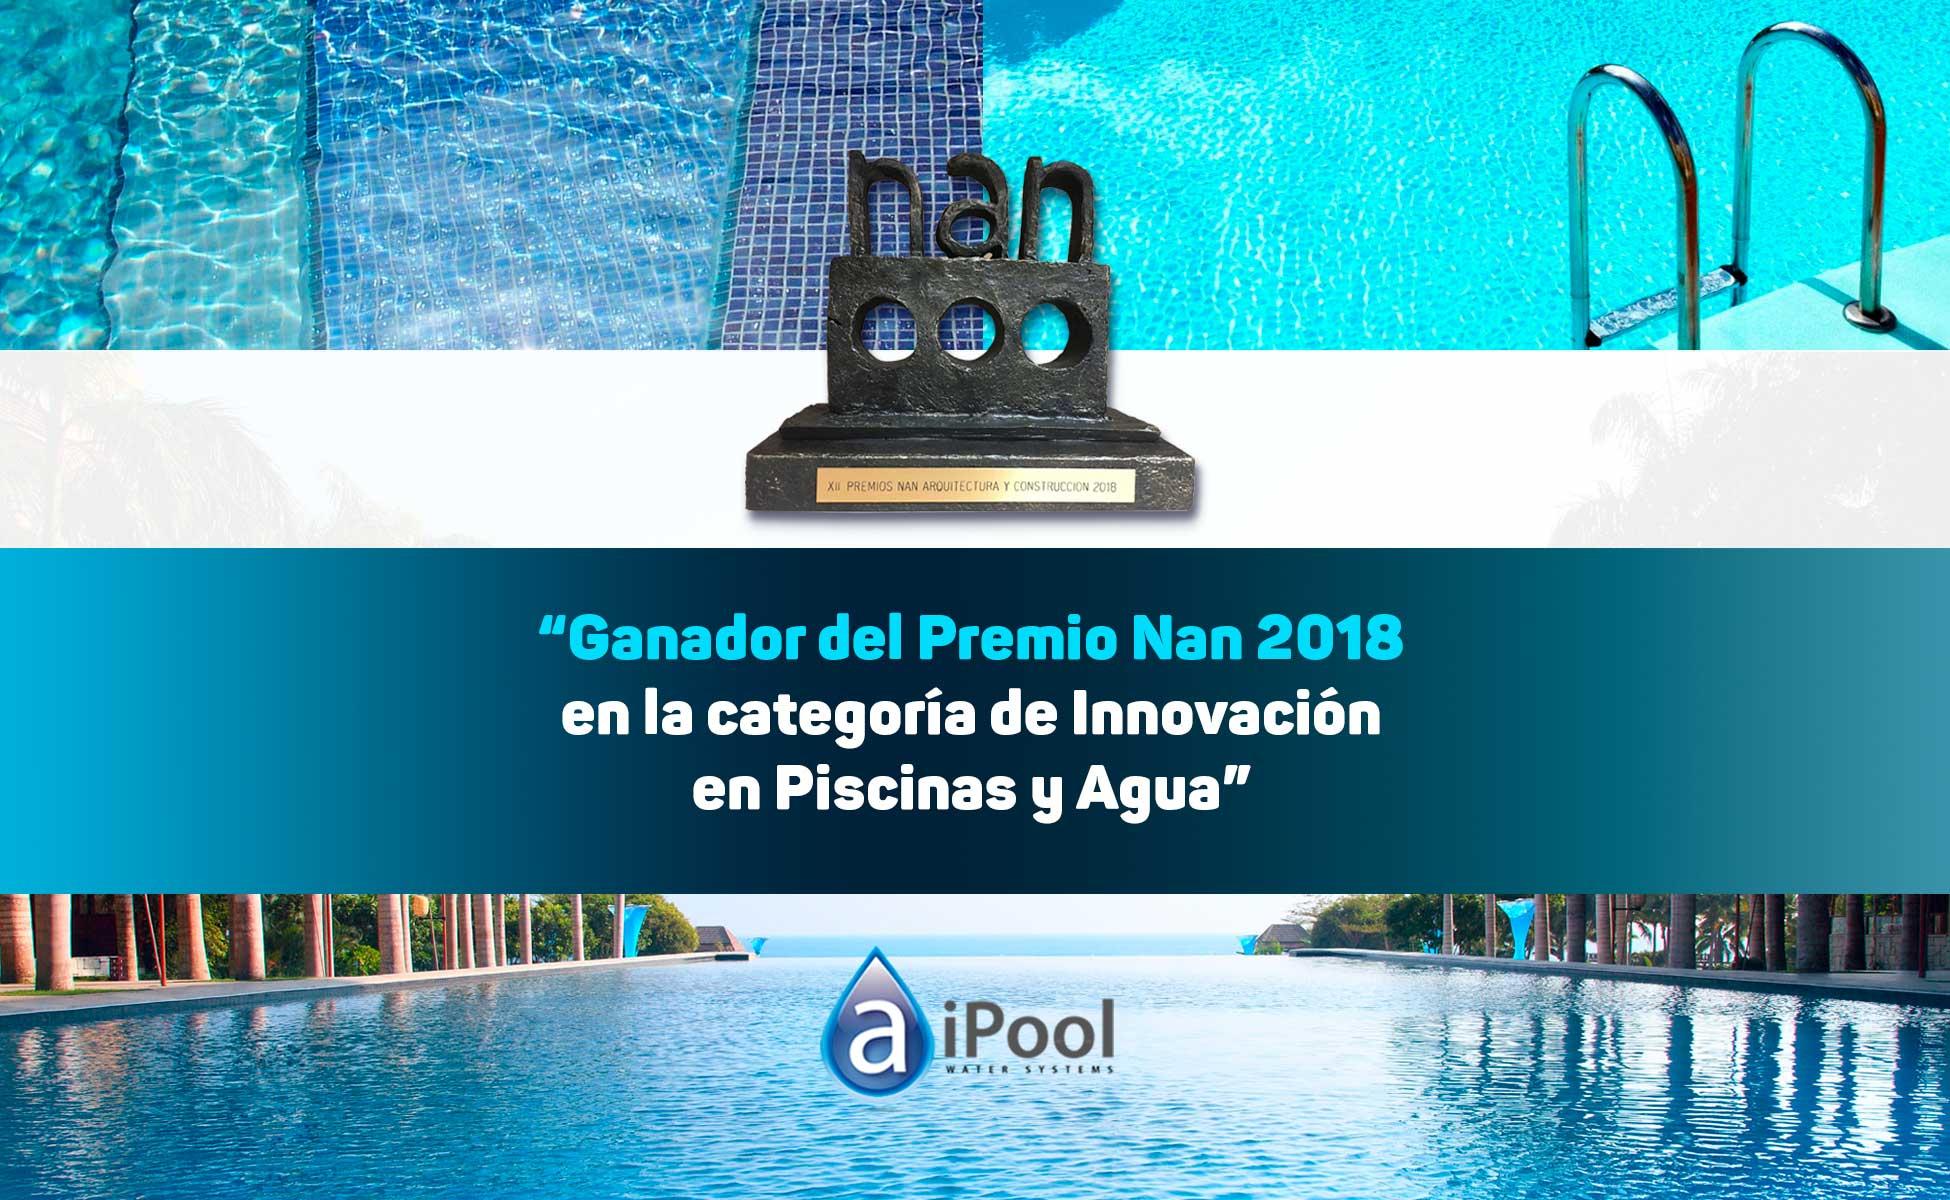 aipool nan2018 premio